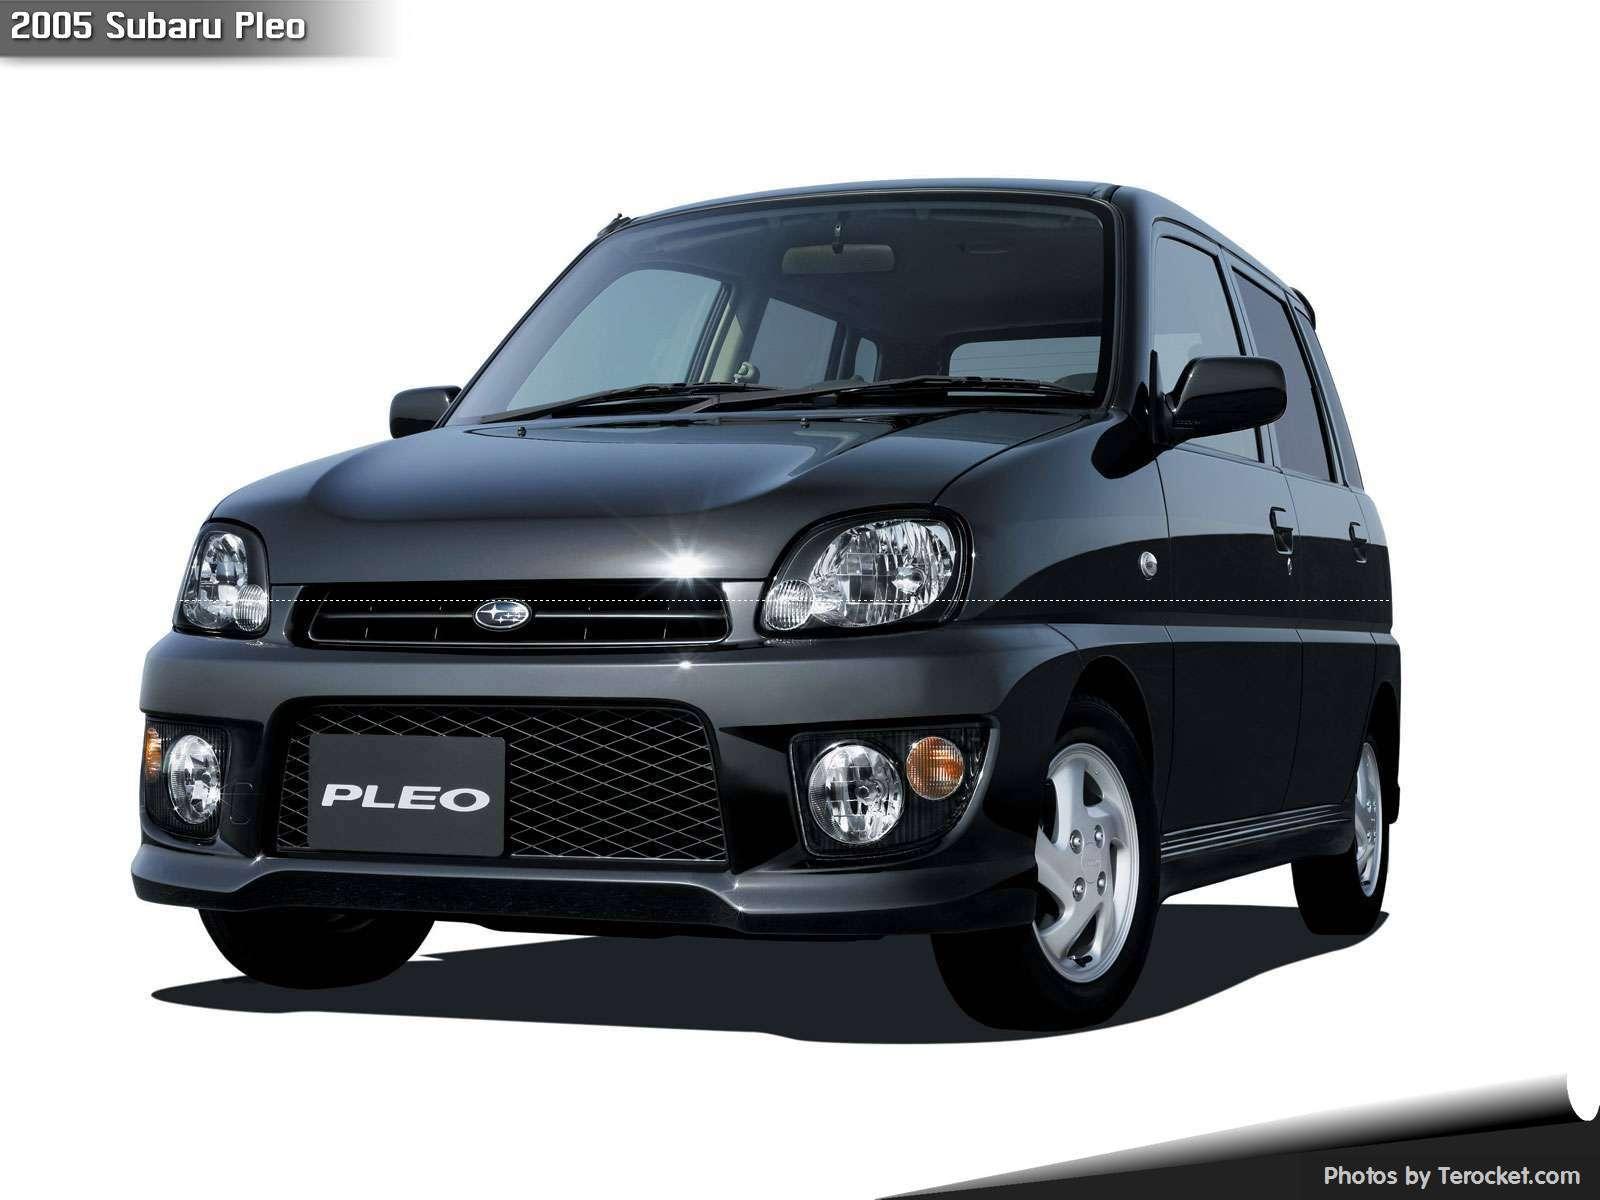 Hình ảnh xe ô tô Subaru Pleo 2005 & nội ngoại thất